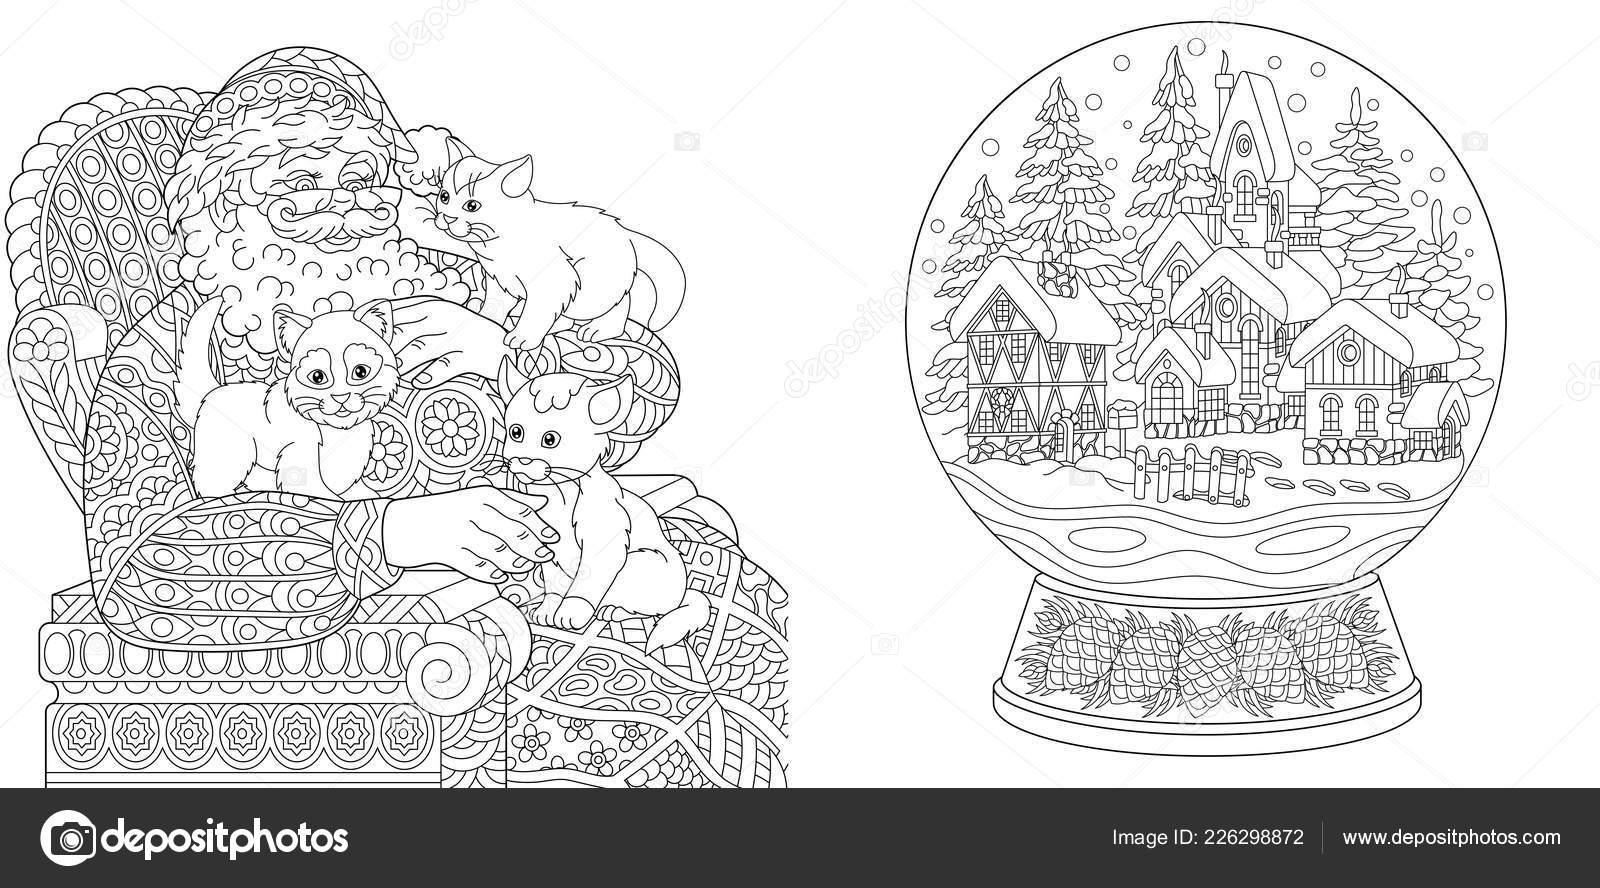 Malvorlagen Malbuch Fur Erwachsene Ausmalbilder Mit Santa